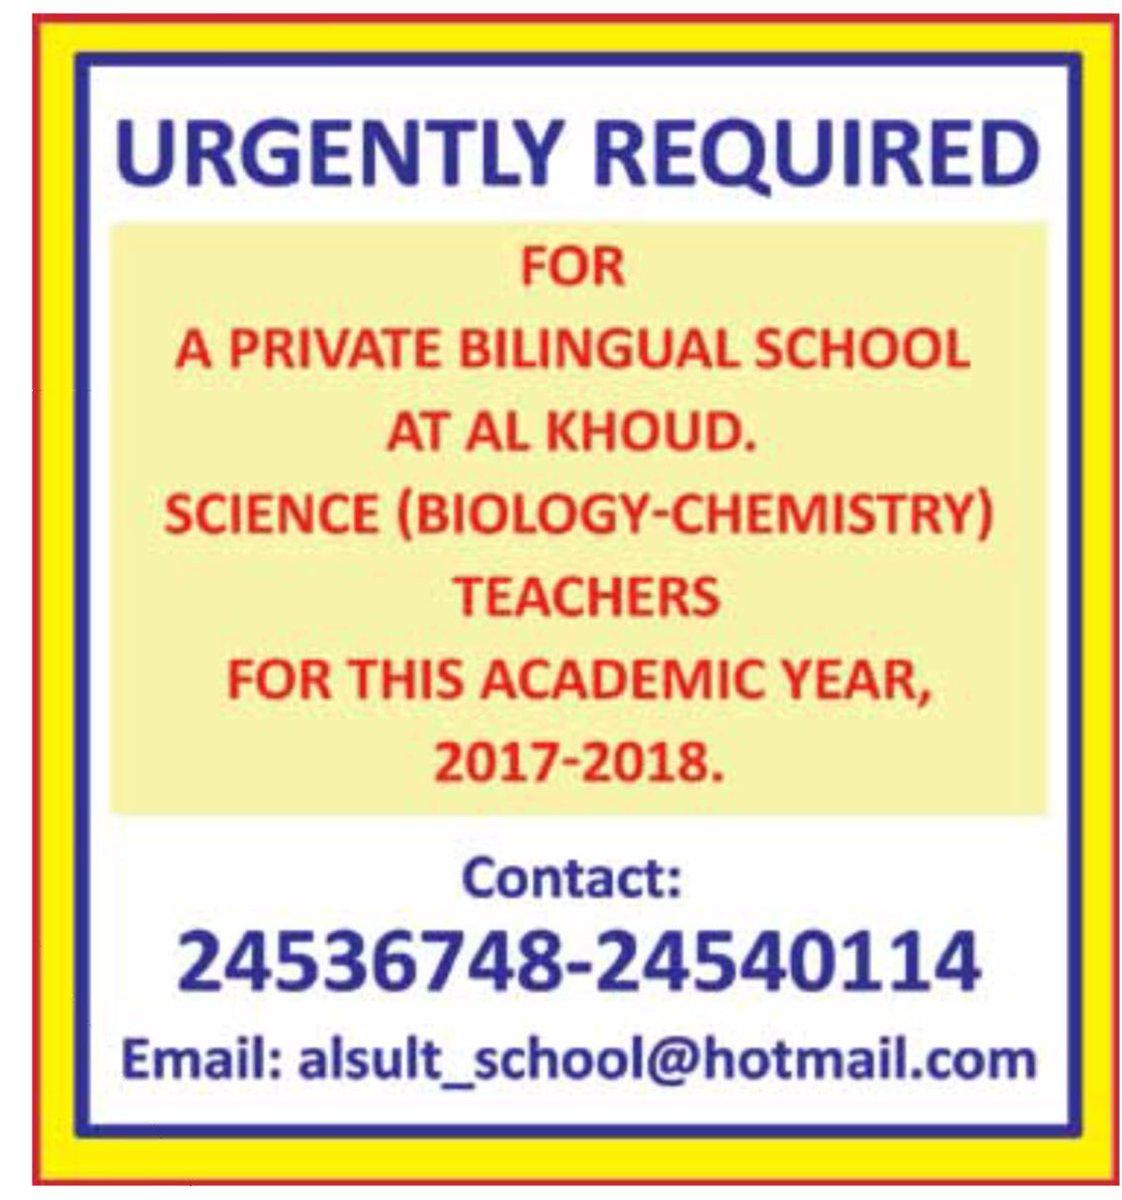 مطلوب فورا مدرسين ومدرسات لكبرى مدارس سلطن عمان للعام 2018